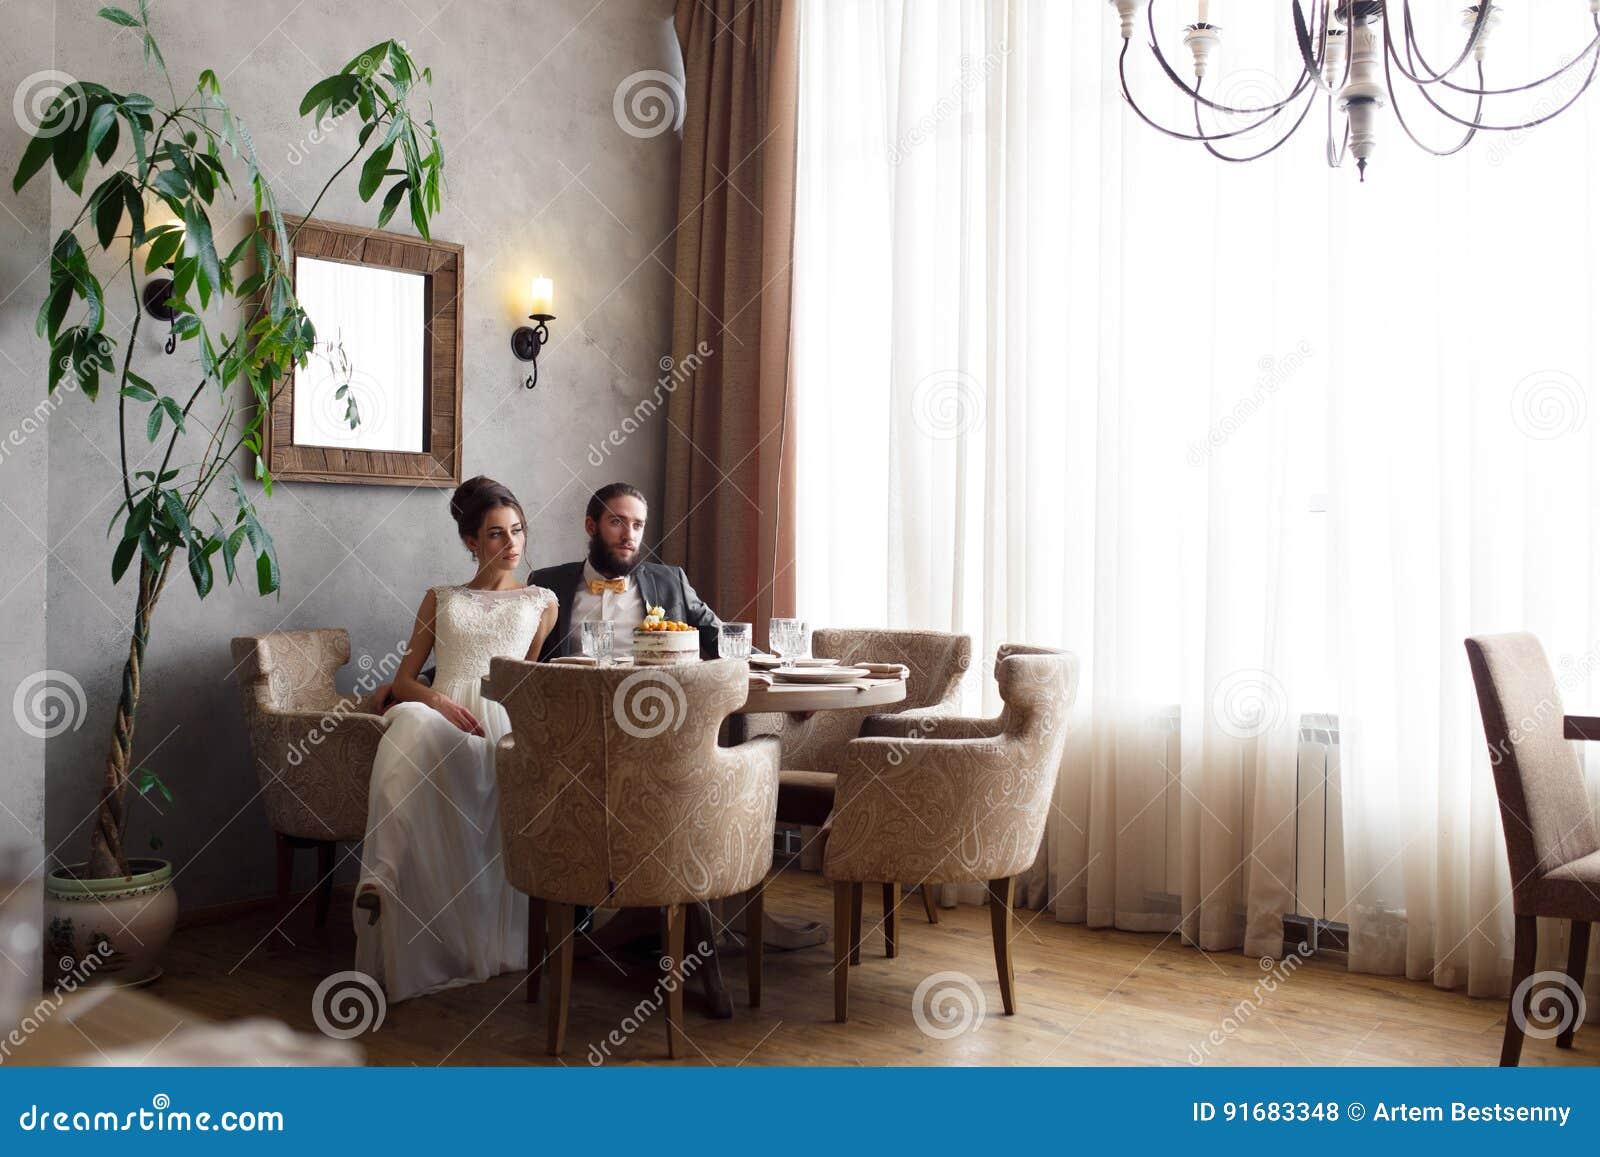 Bruden och brudgummen sitter i fåtöljer på tabellen i en härlig ljus korridor